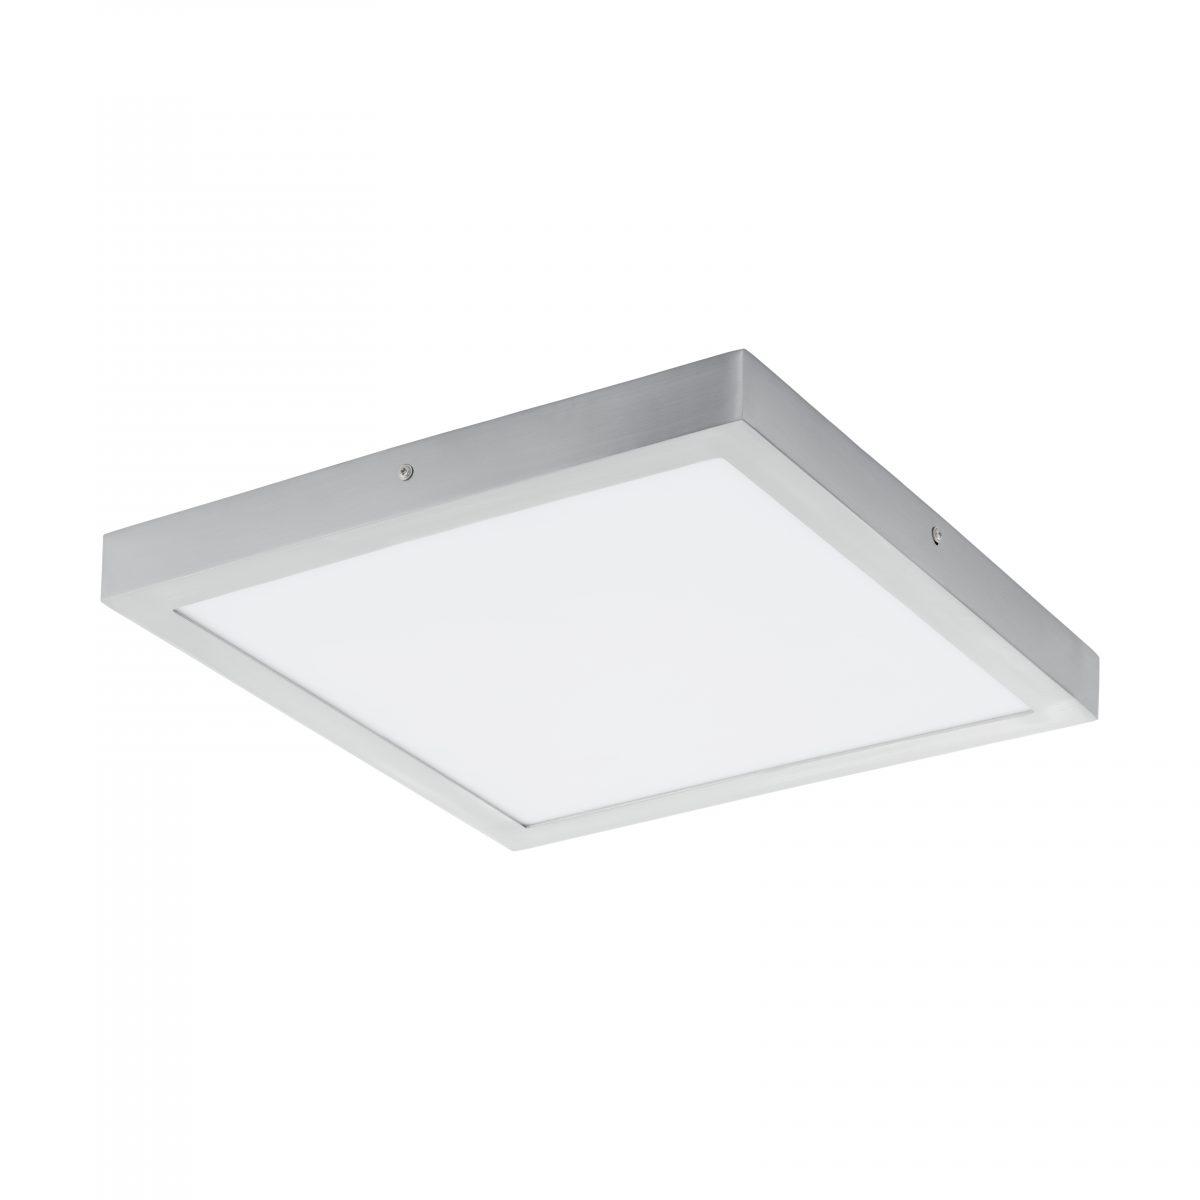 Светильник настенно-потолочный FUEVA 1 EGLO 97265 - Фото №28